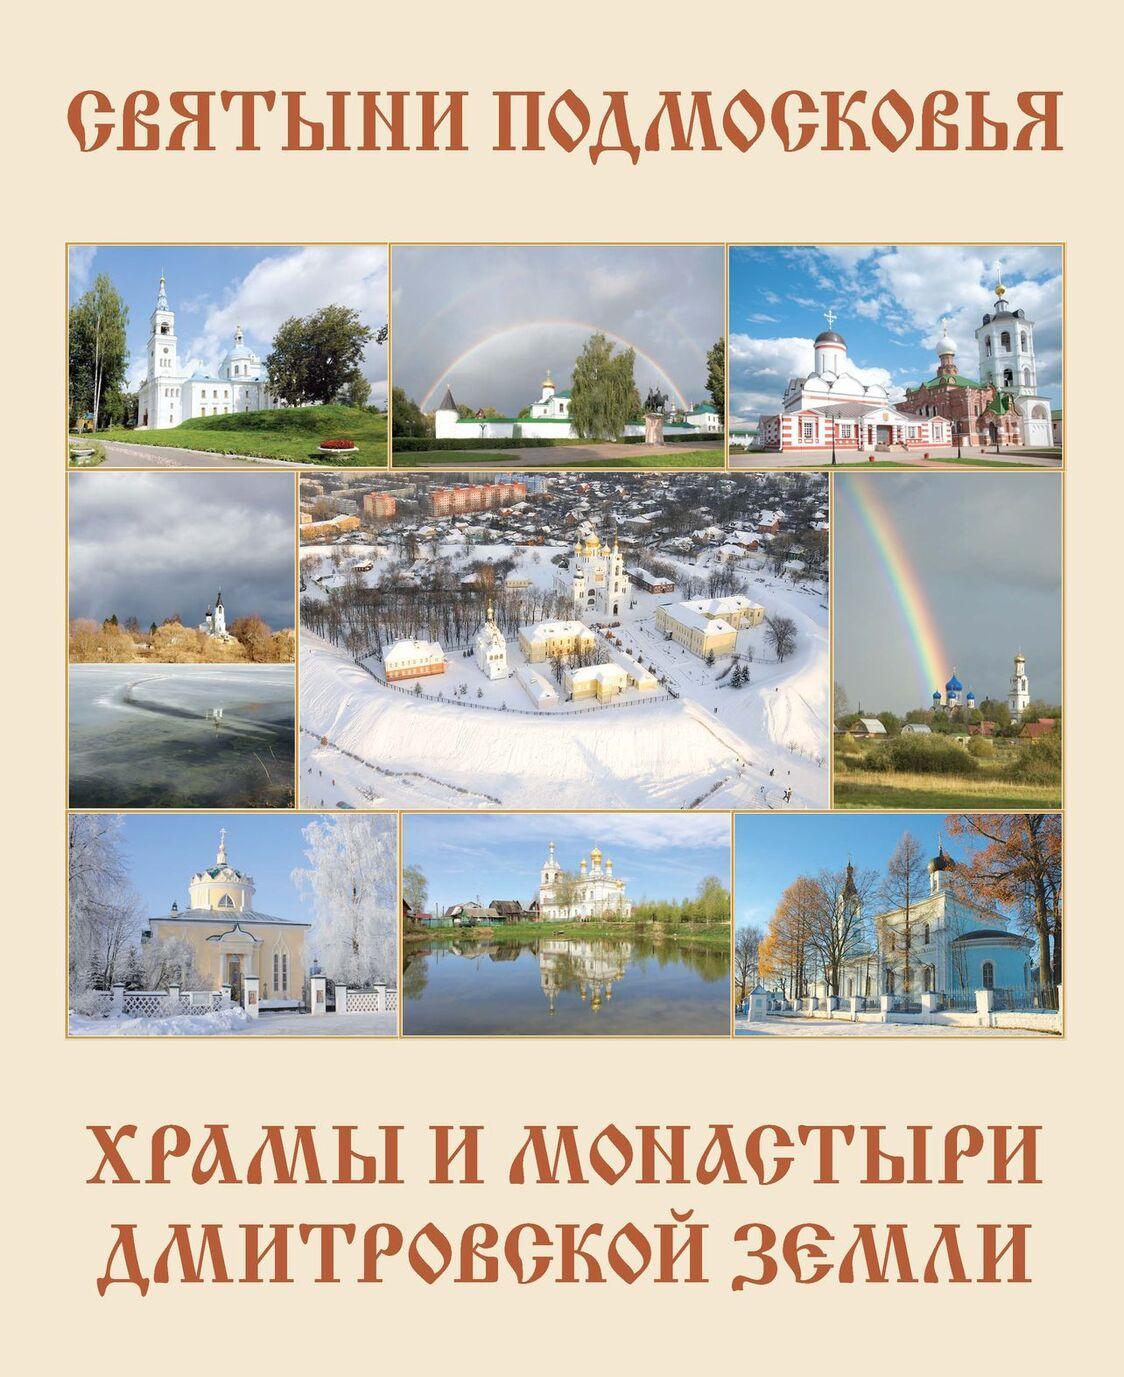 Khramy i monastyri Dmitrovskoj zemli | Sholokhova T. D., Podshibjakin N. G.